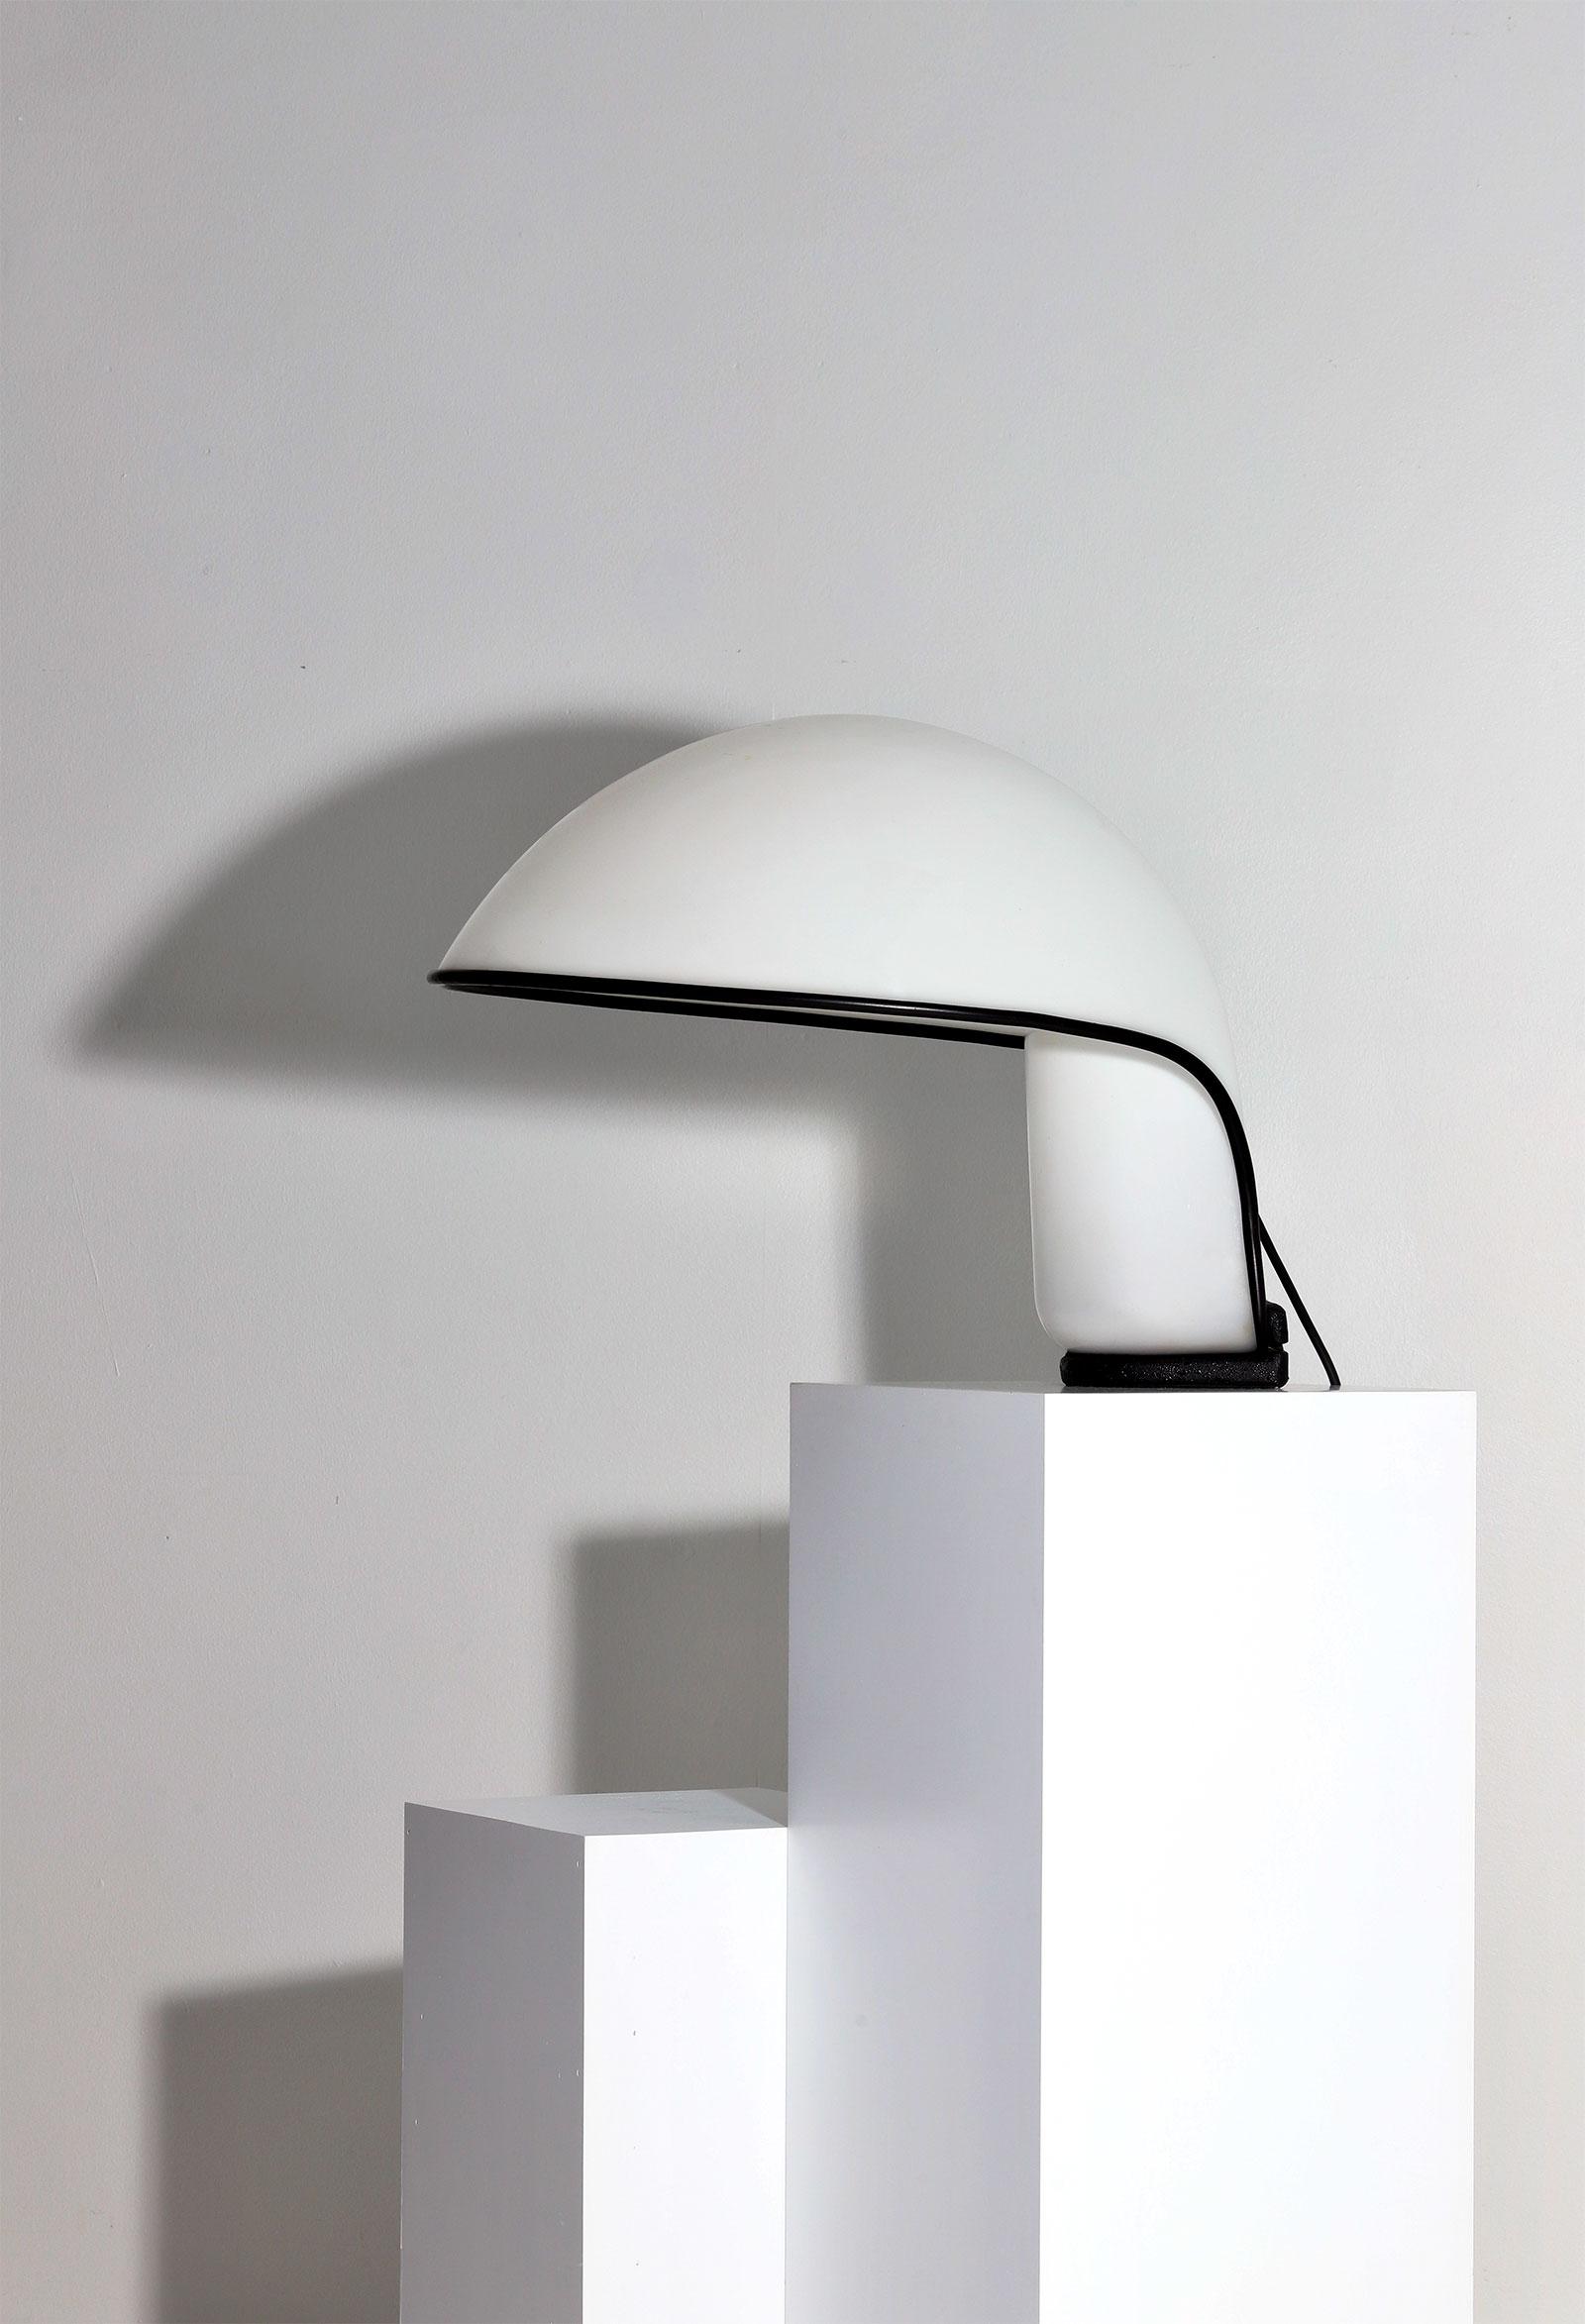 Albanella Table Lamp by Sergio Brazzoli & Ermanno Lampa for Guzziniimage 2